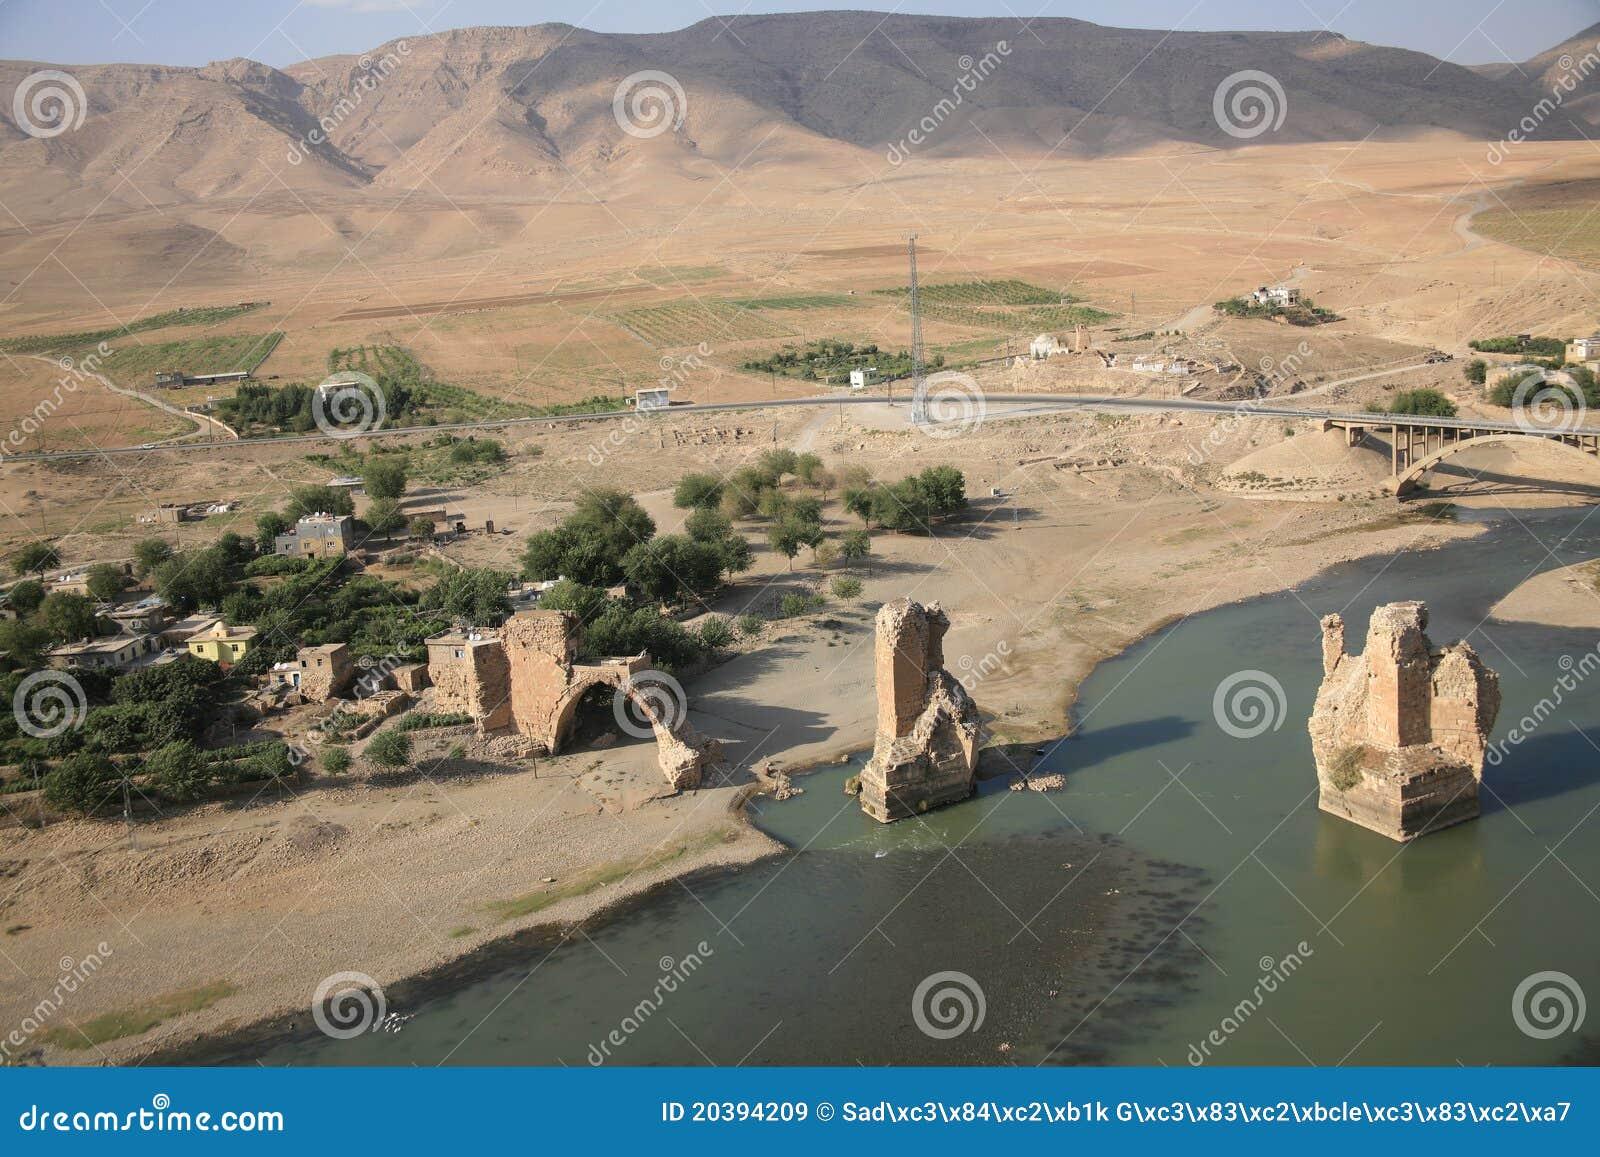 r%C3%ADo-tigris-y-aldea-de-hasankeyf-203